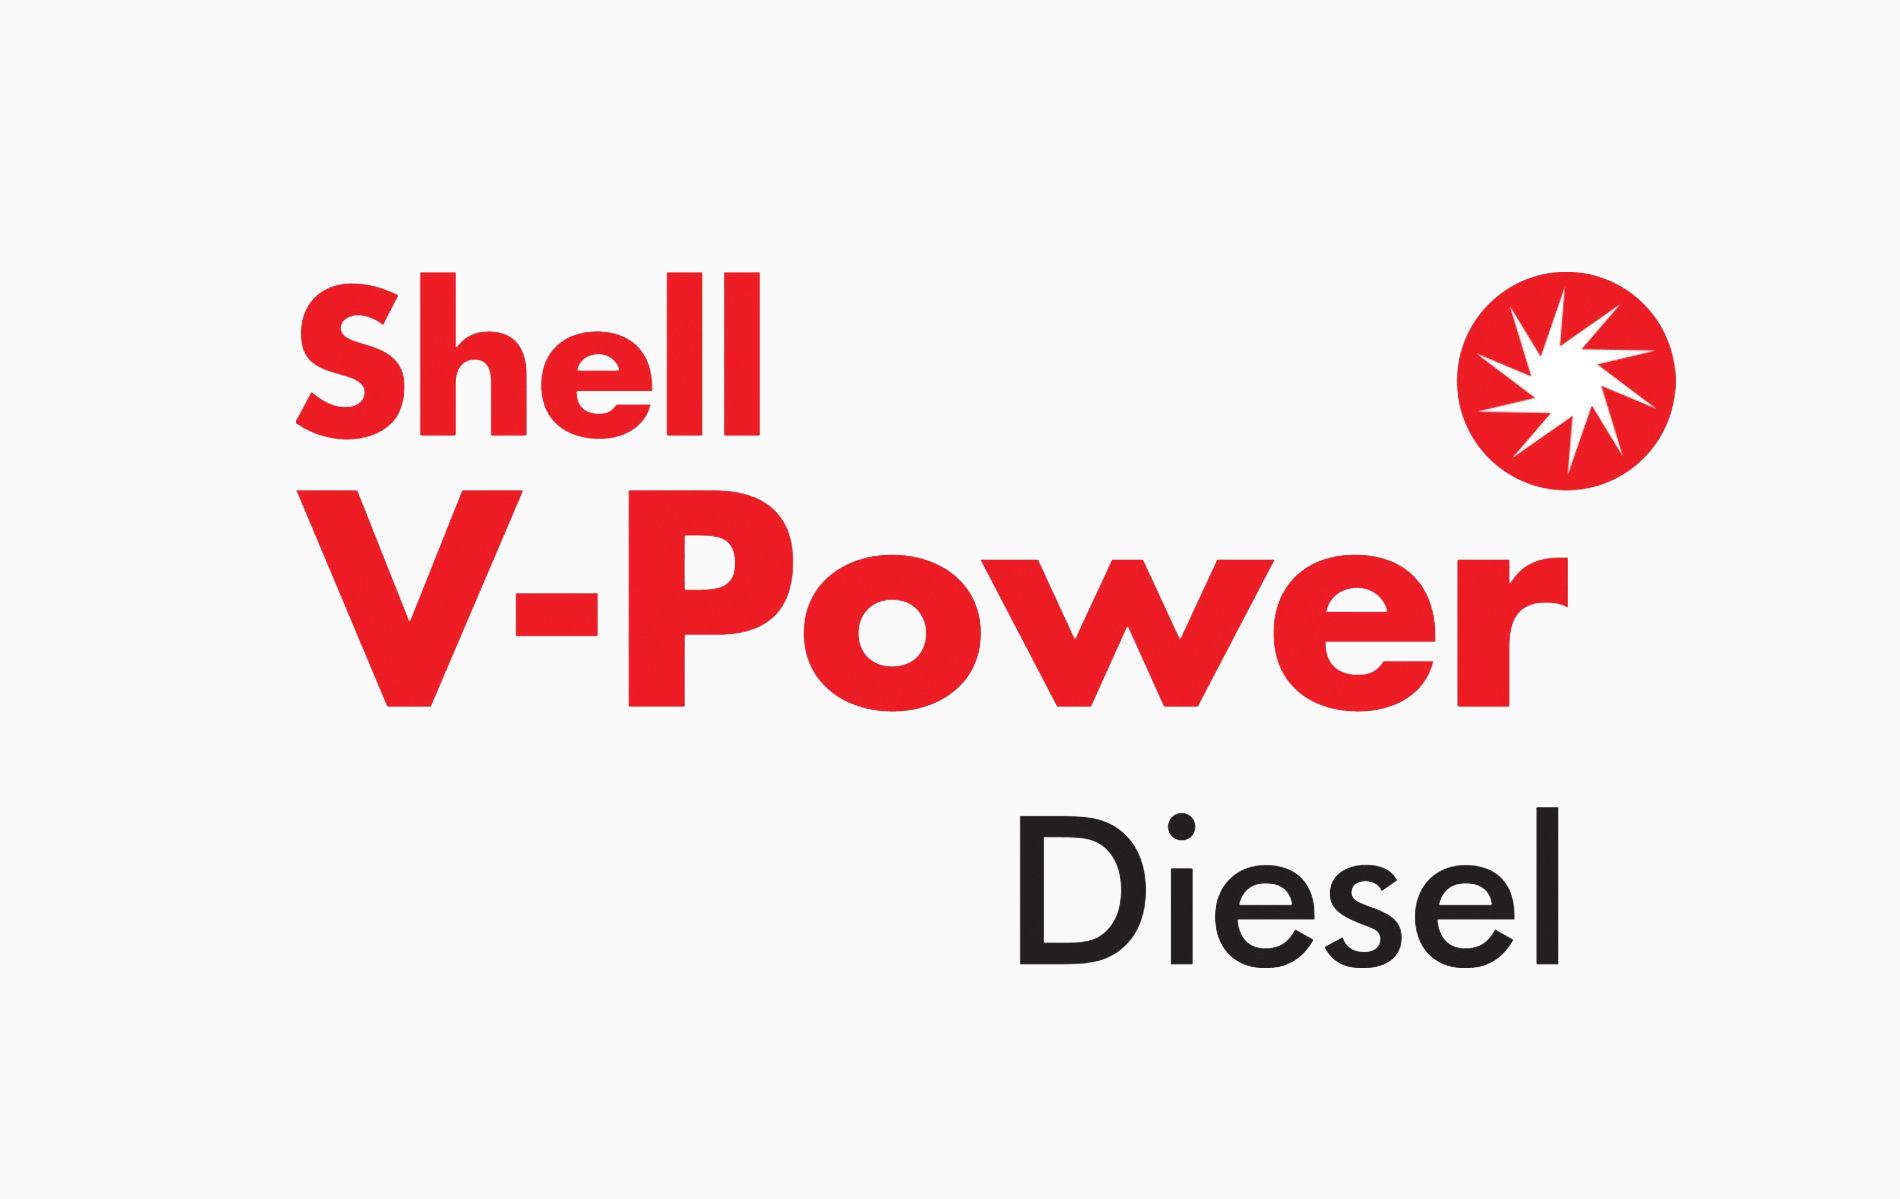 Shell VPD